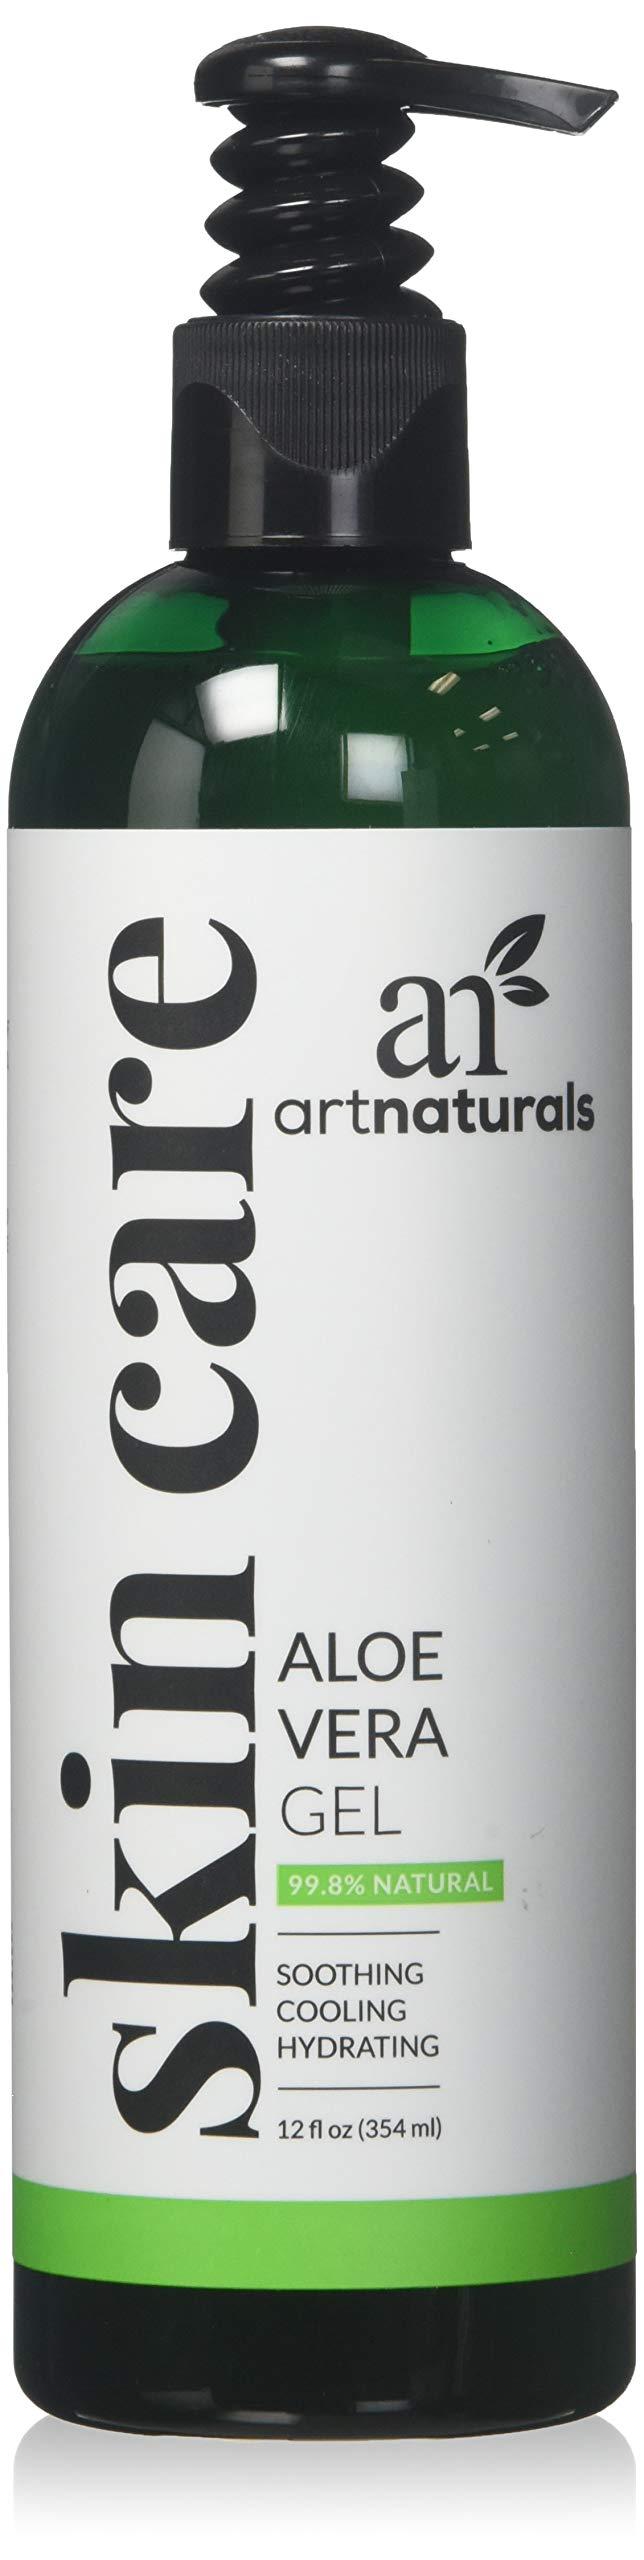 ArtNaturals Aloe Vera Gel, 12 Fluid Ounce by ArtNaturals